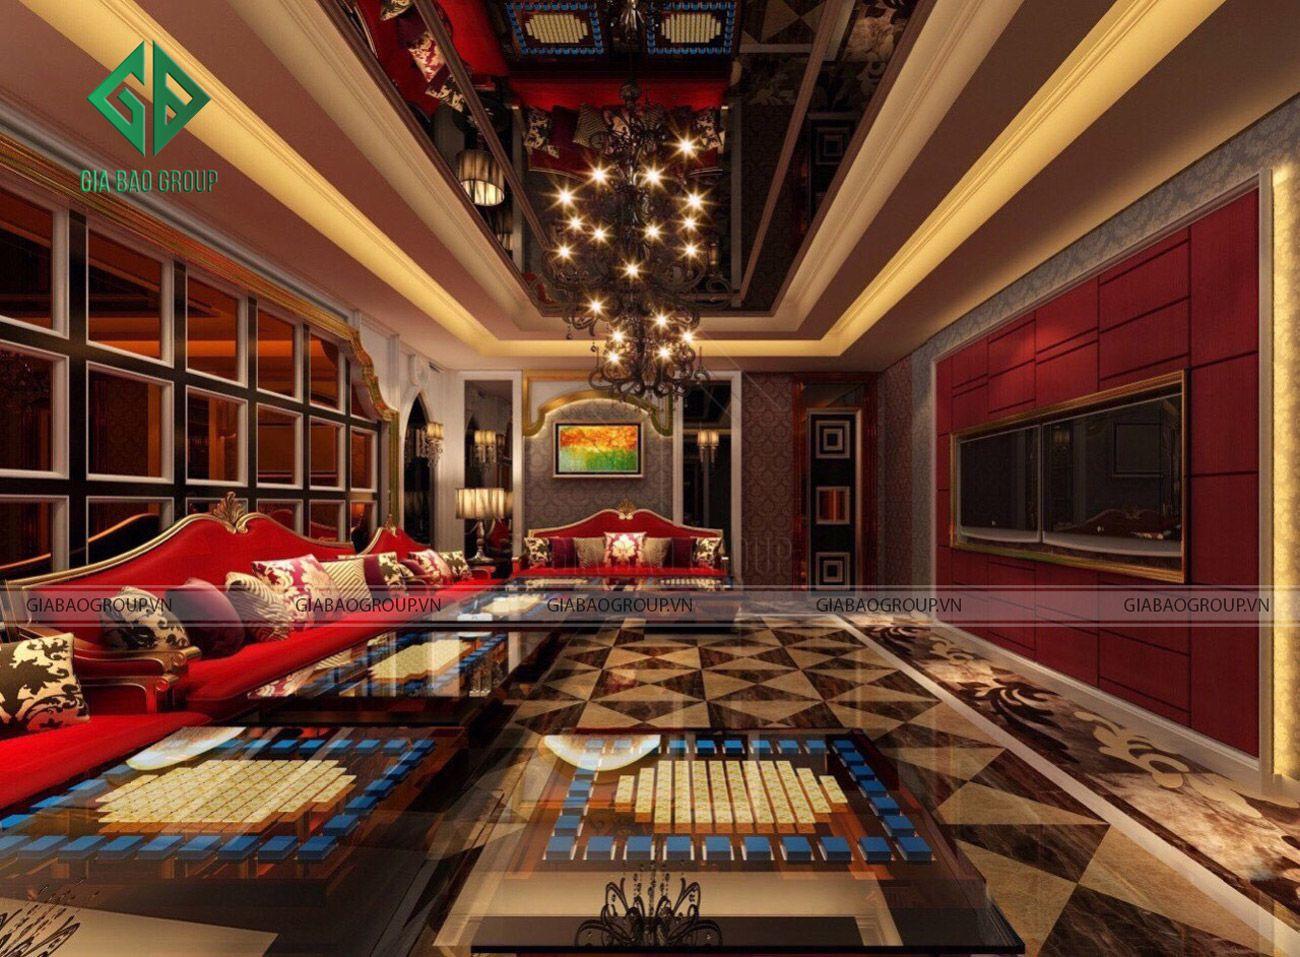 Thiết kế quán karaoke kiểu cổ điển